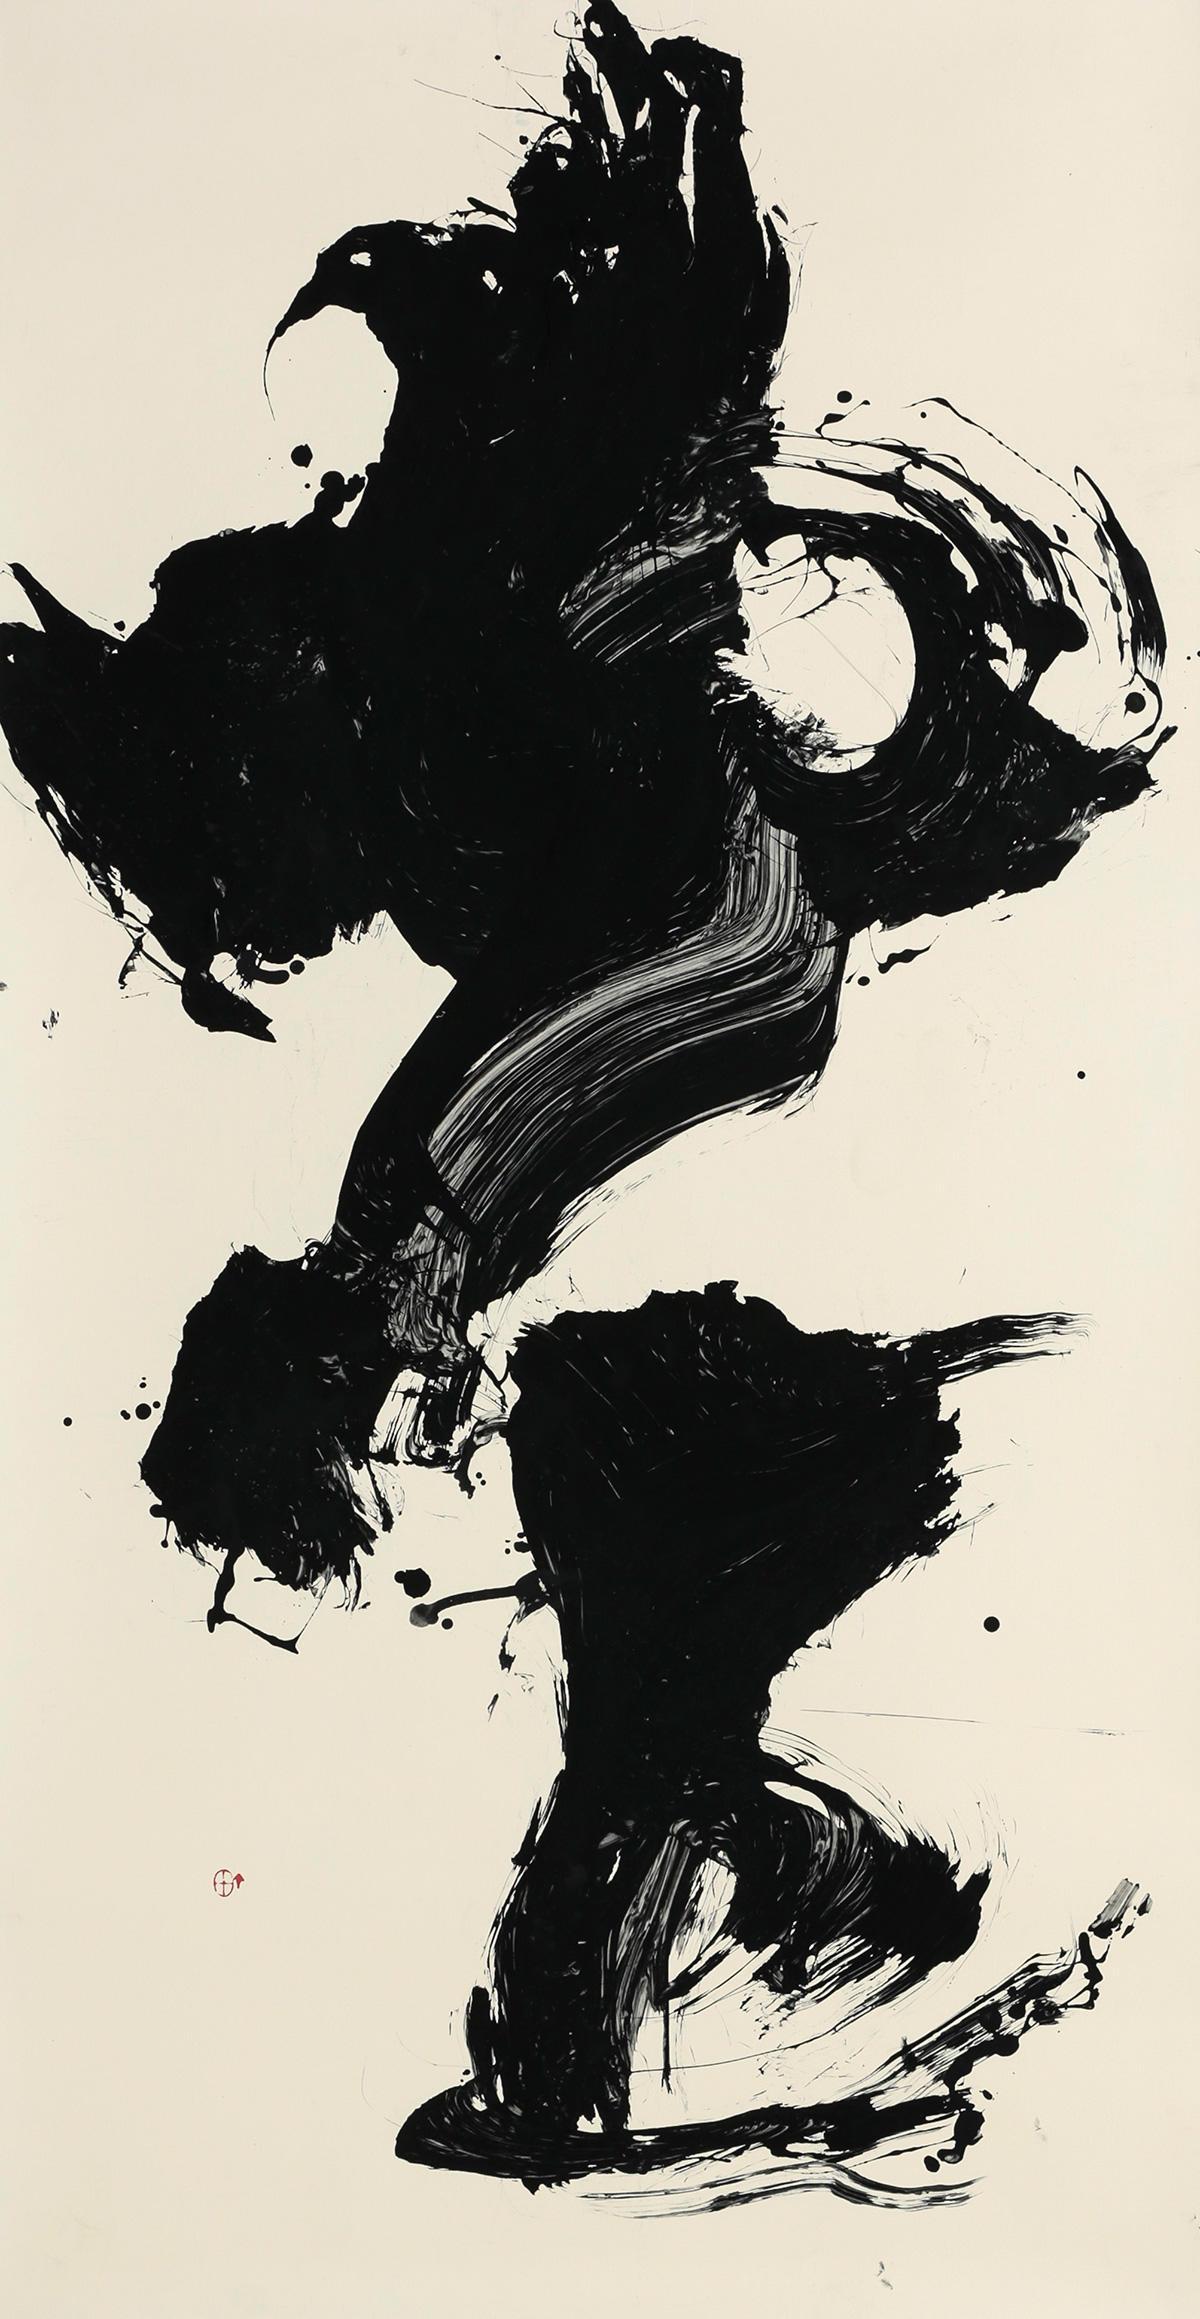 第35回記念産経国際書展出品作「鉅のイメージ」(縦180×横90センチ)